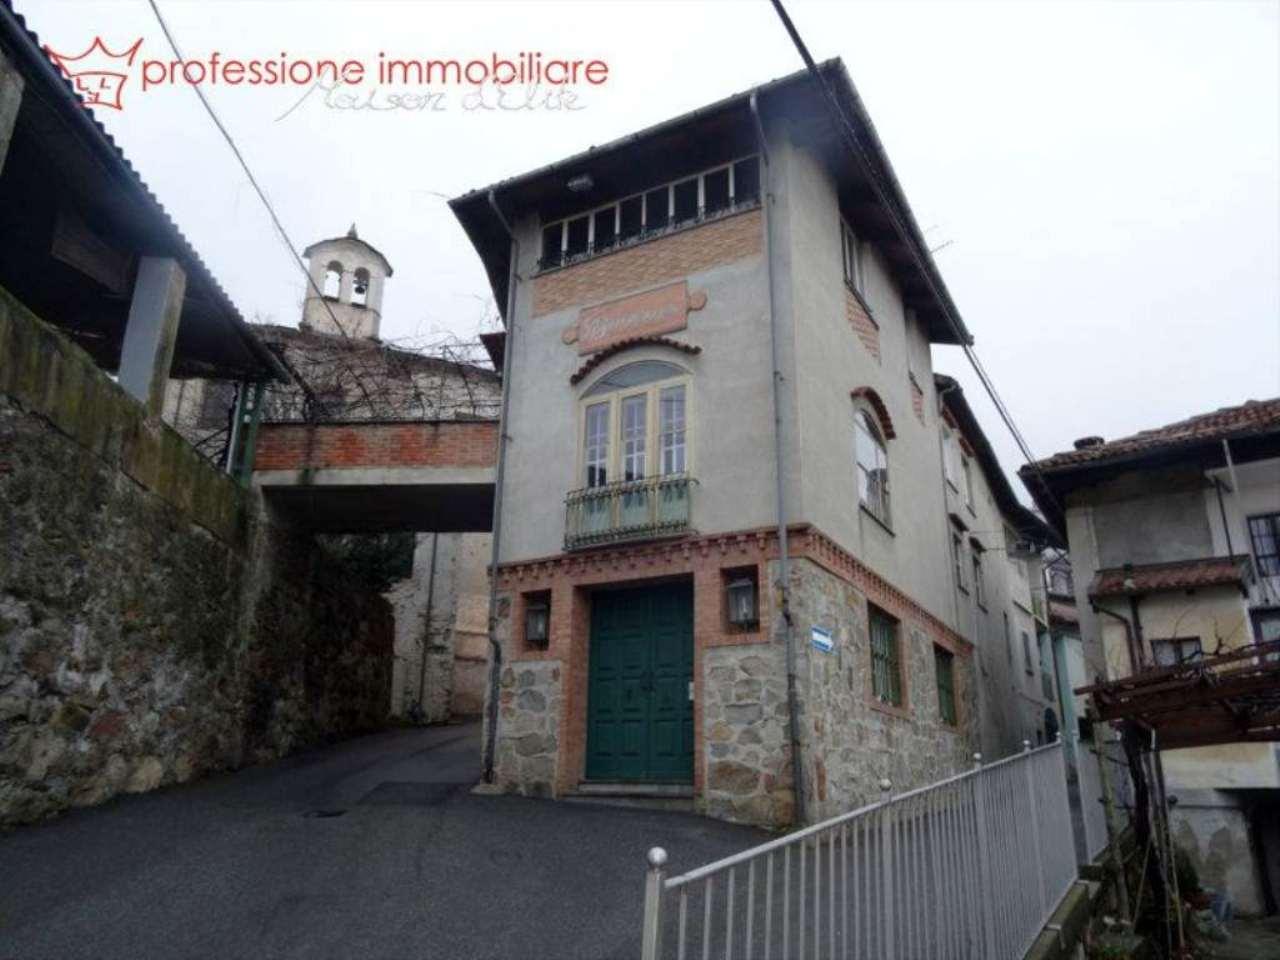 Soluzione Semindipendente in vendita a Quassolo, 14 locali, prezzo € 265.000 | CambioCasa.it